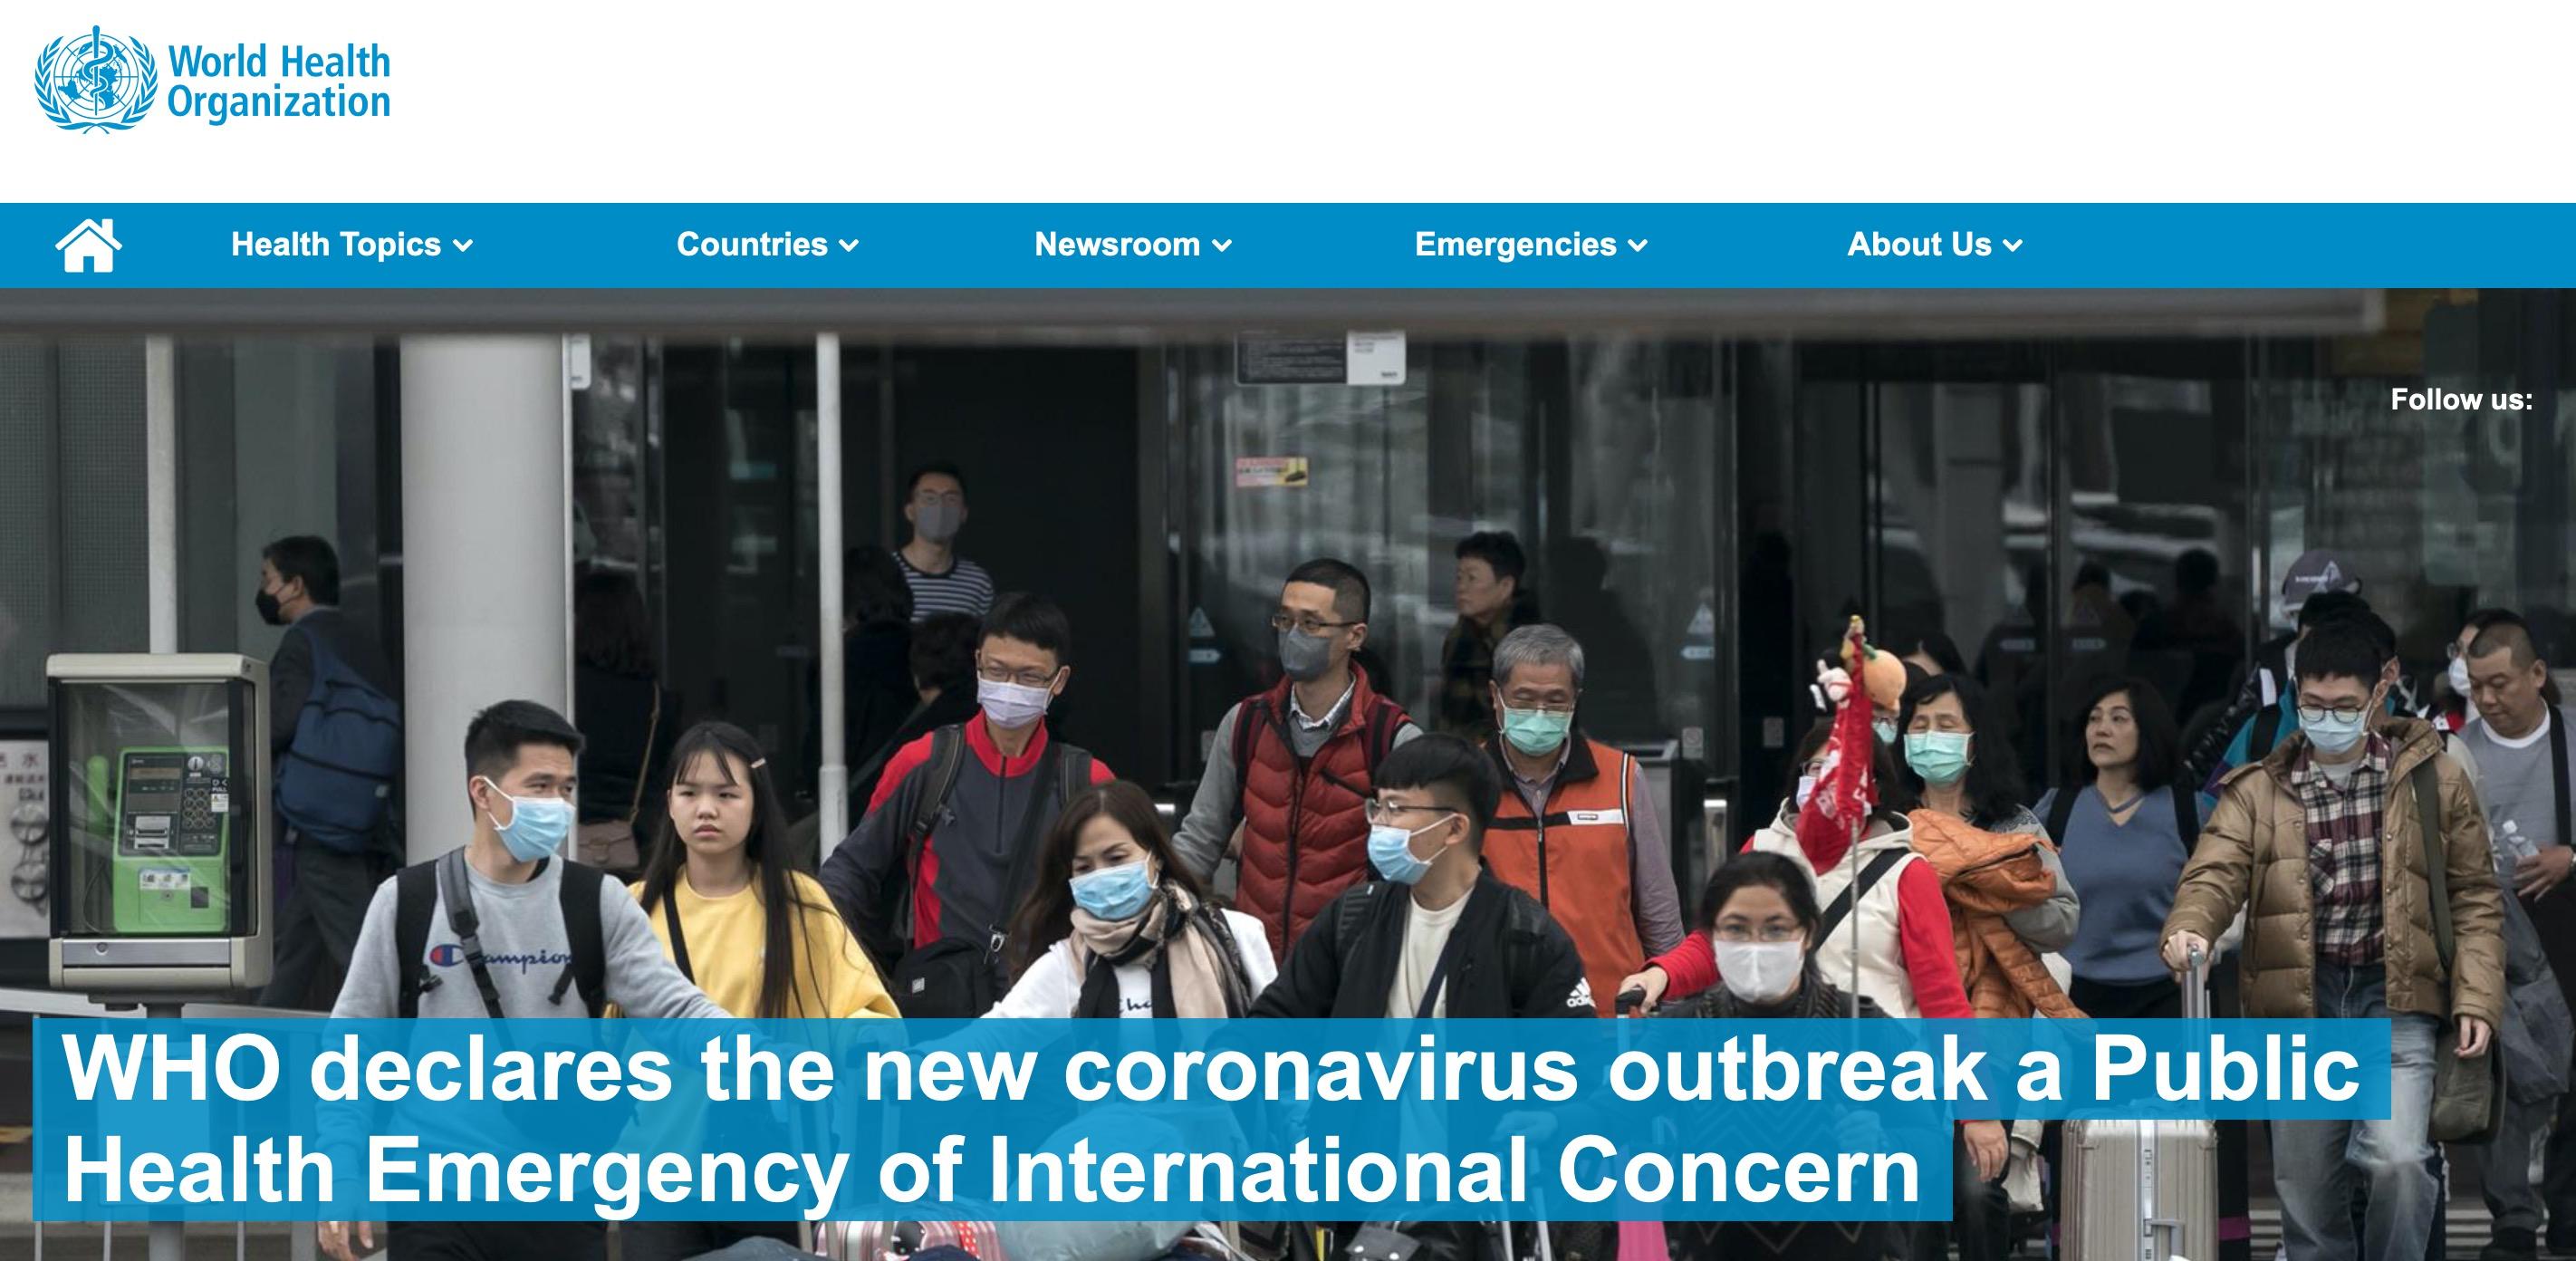 اعلام وضعیت فوقالعاده بینالمللی در پی شیوه سریع ویروس کرونا